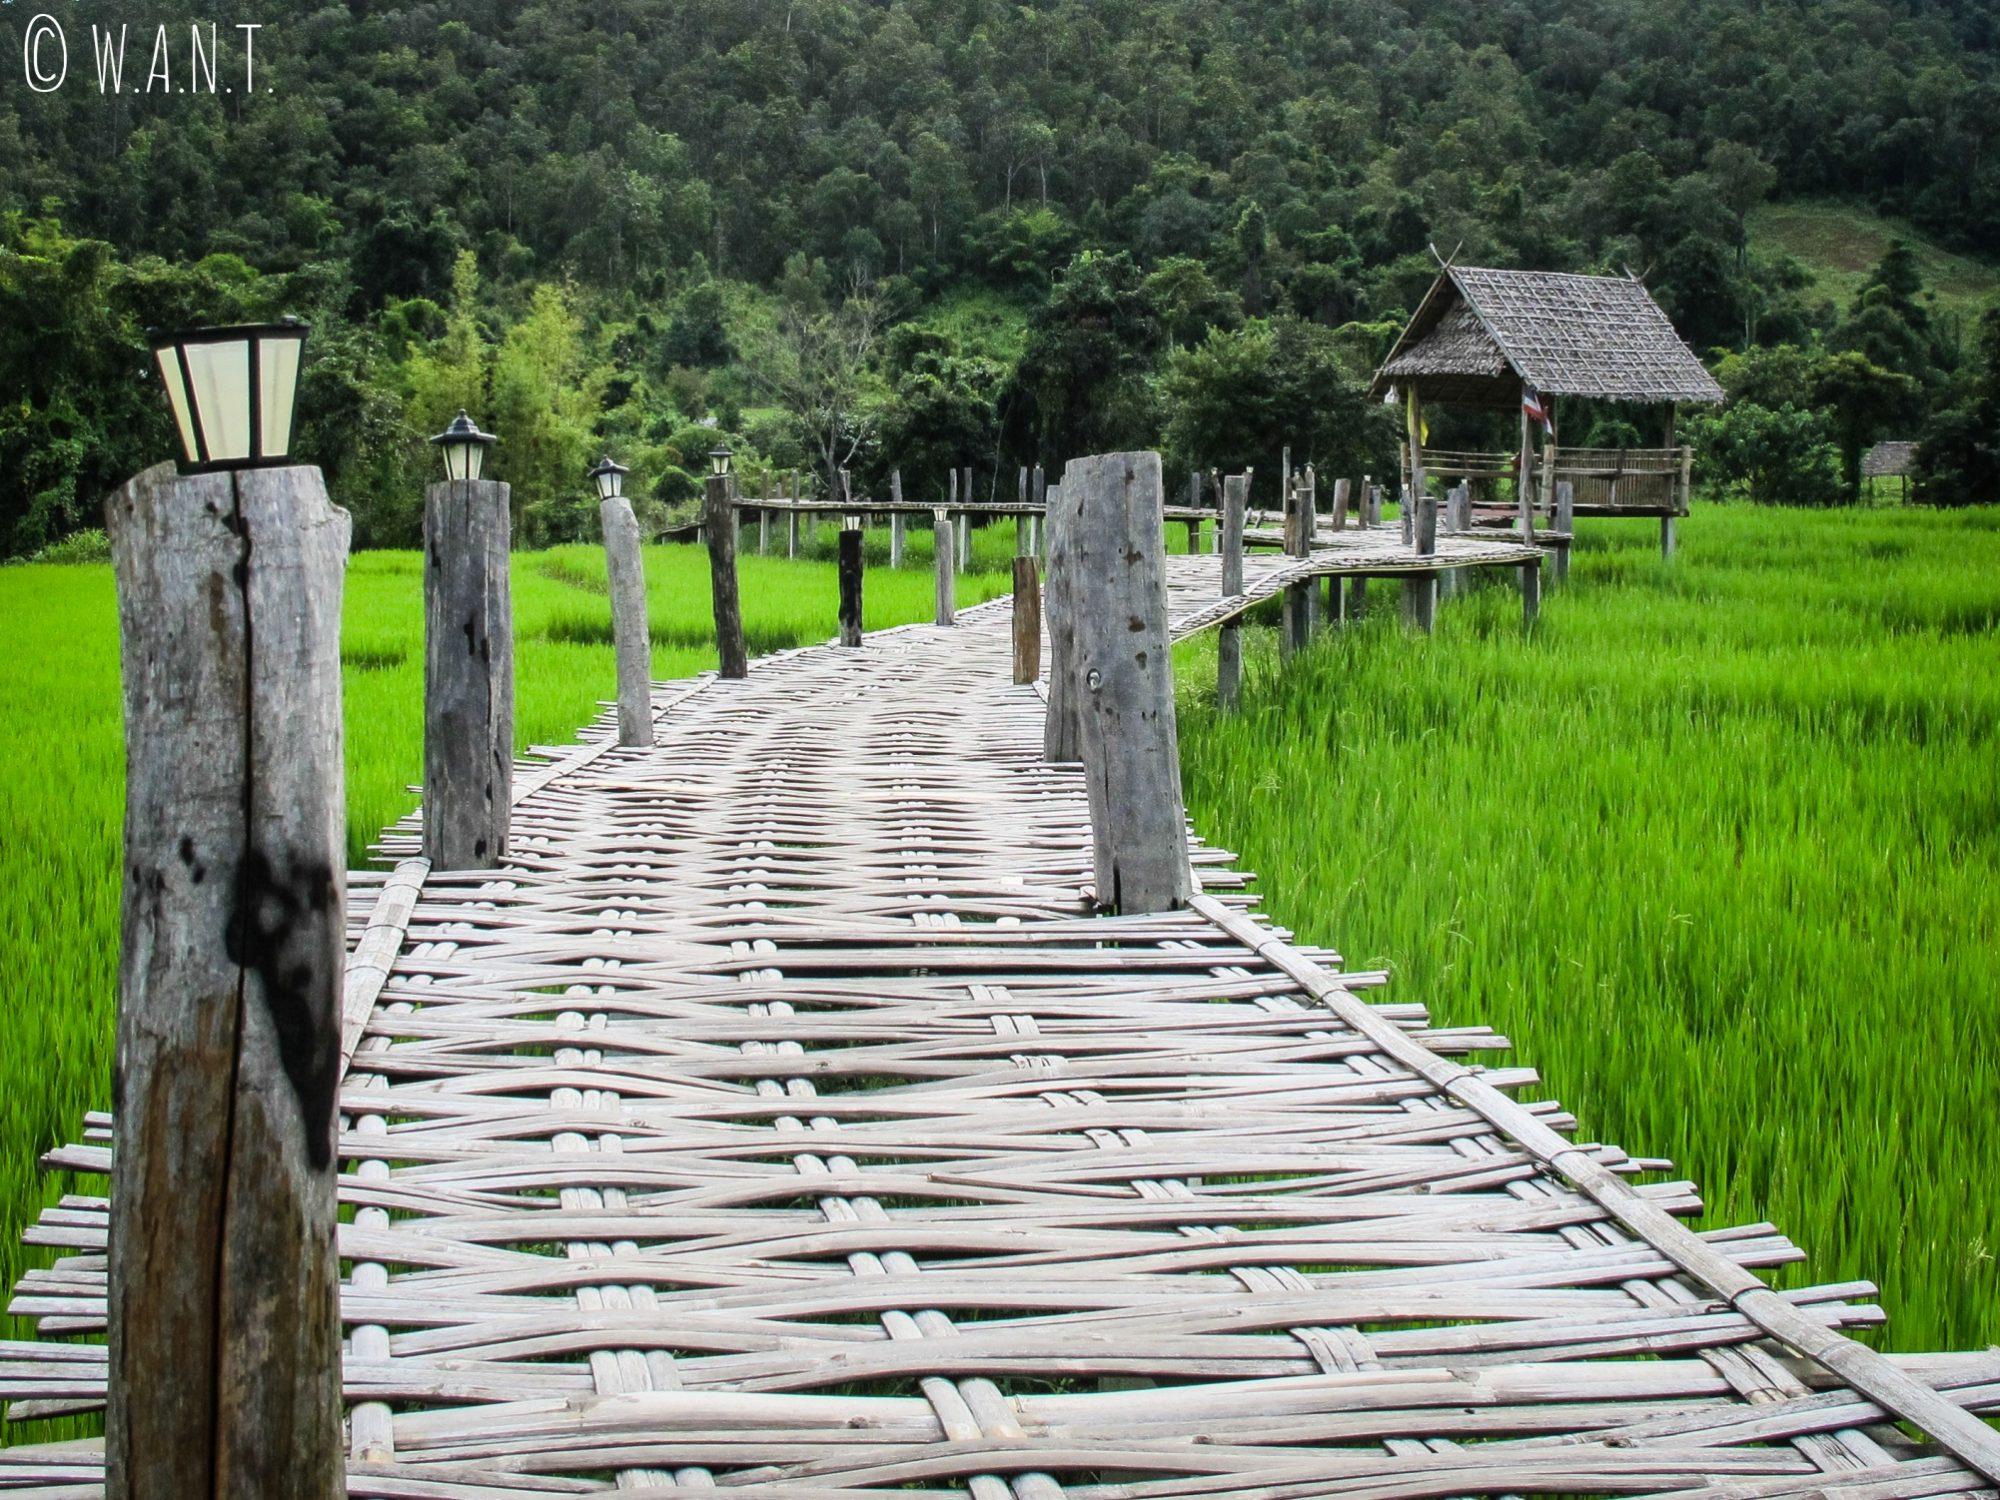 Des petites cabanes installées le long du Bambou Bridge de Pai permettent de comtempler le paysage